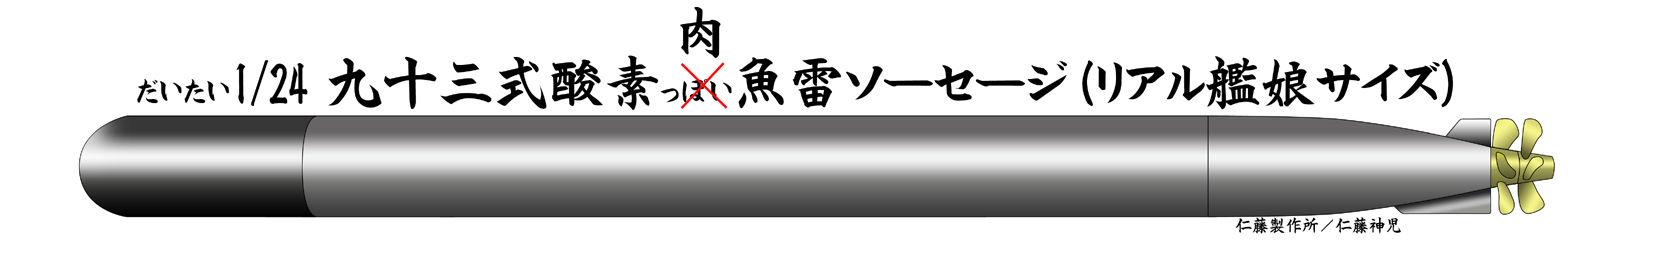 93式魚雷っぽい3